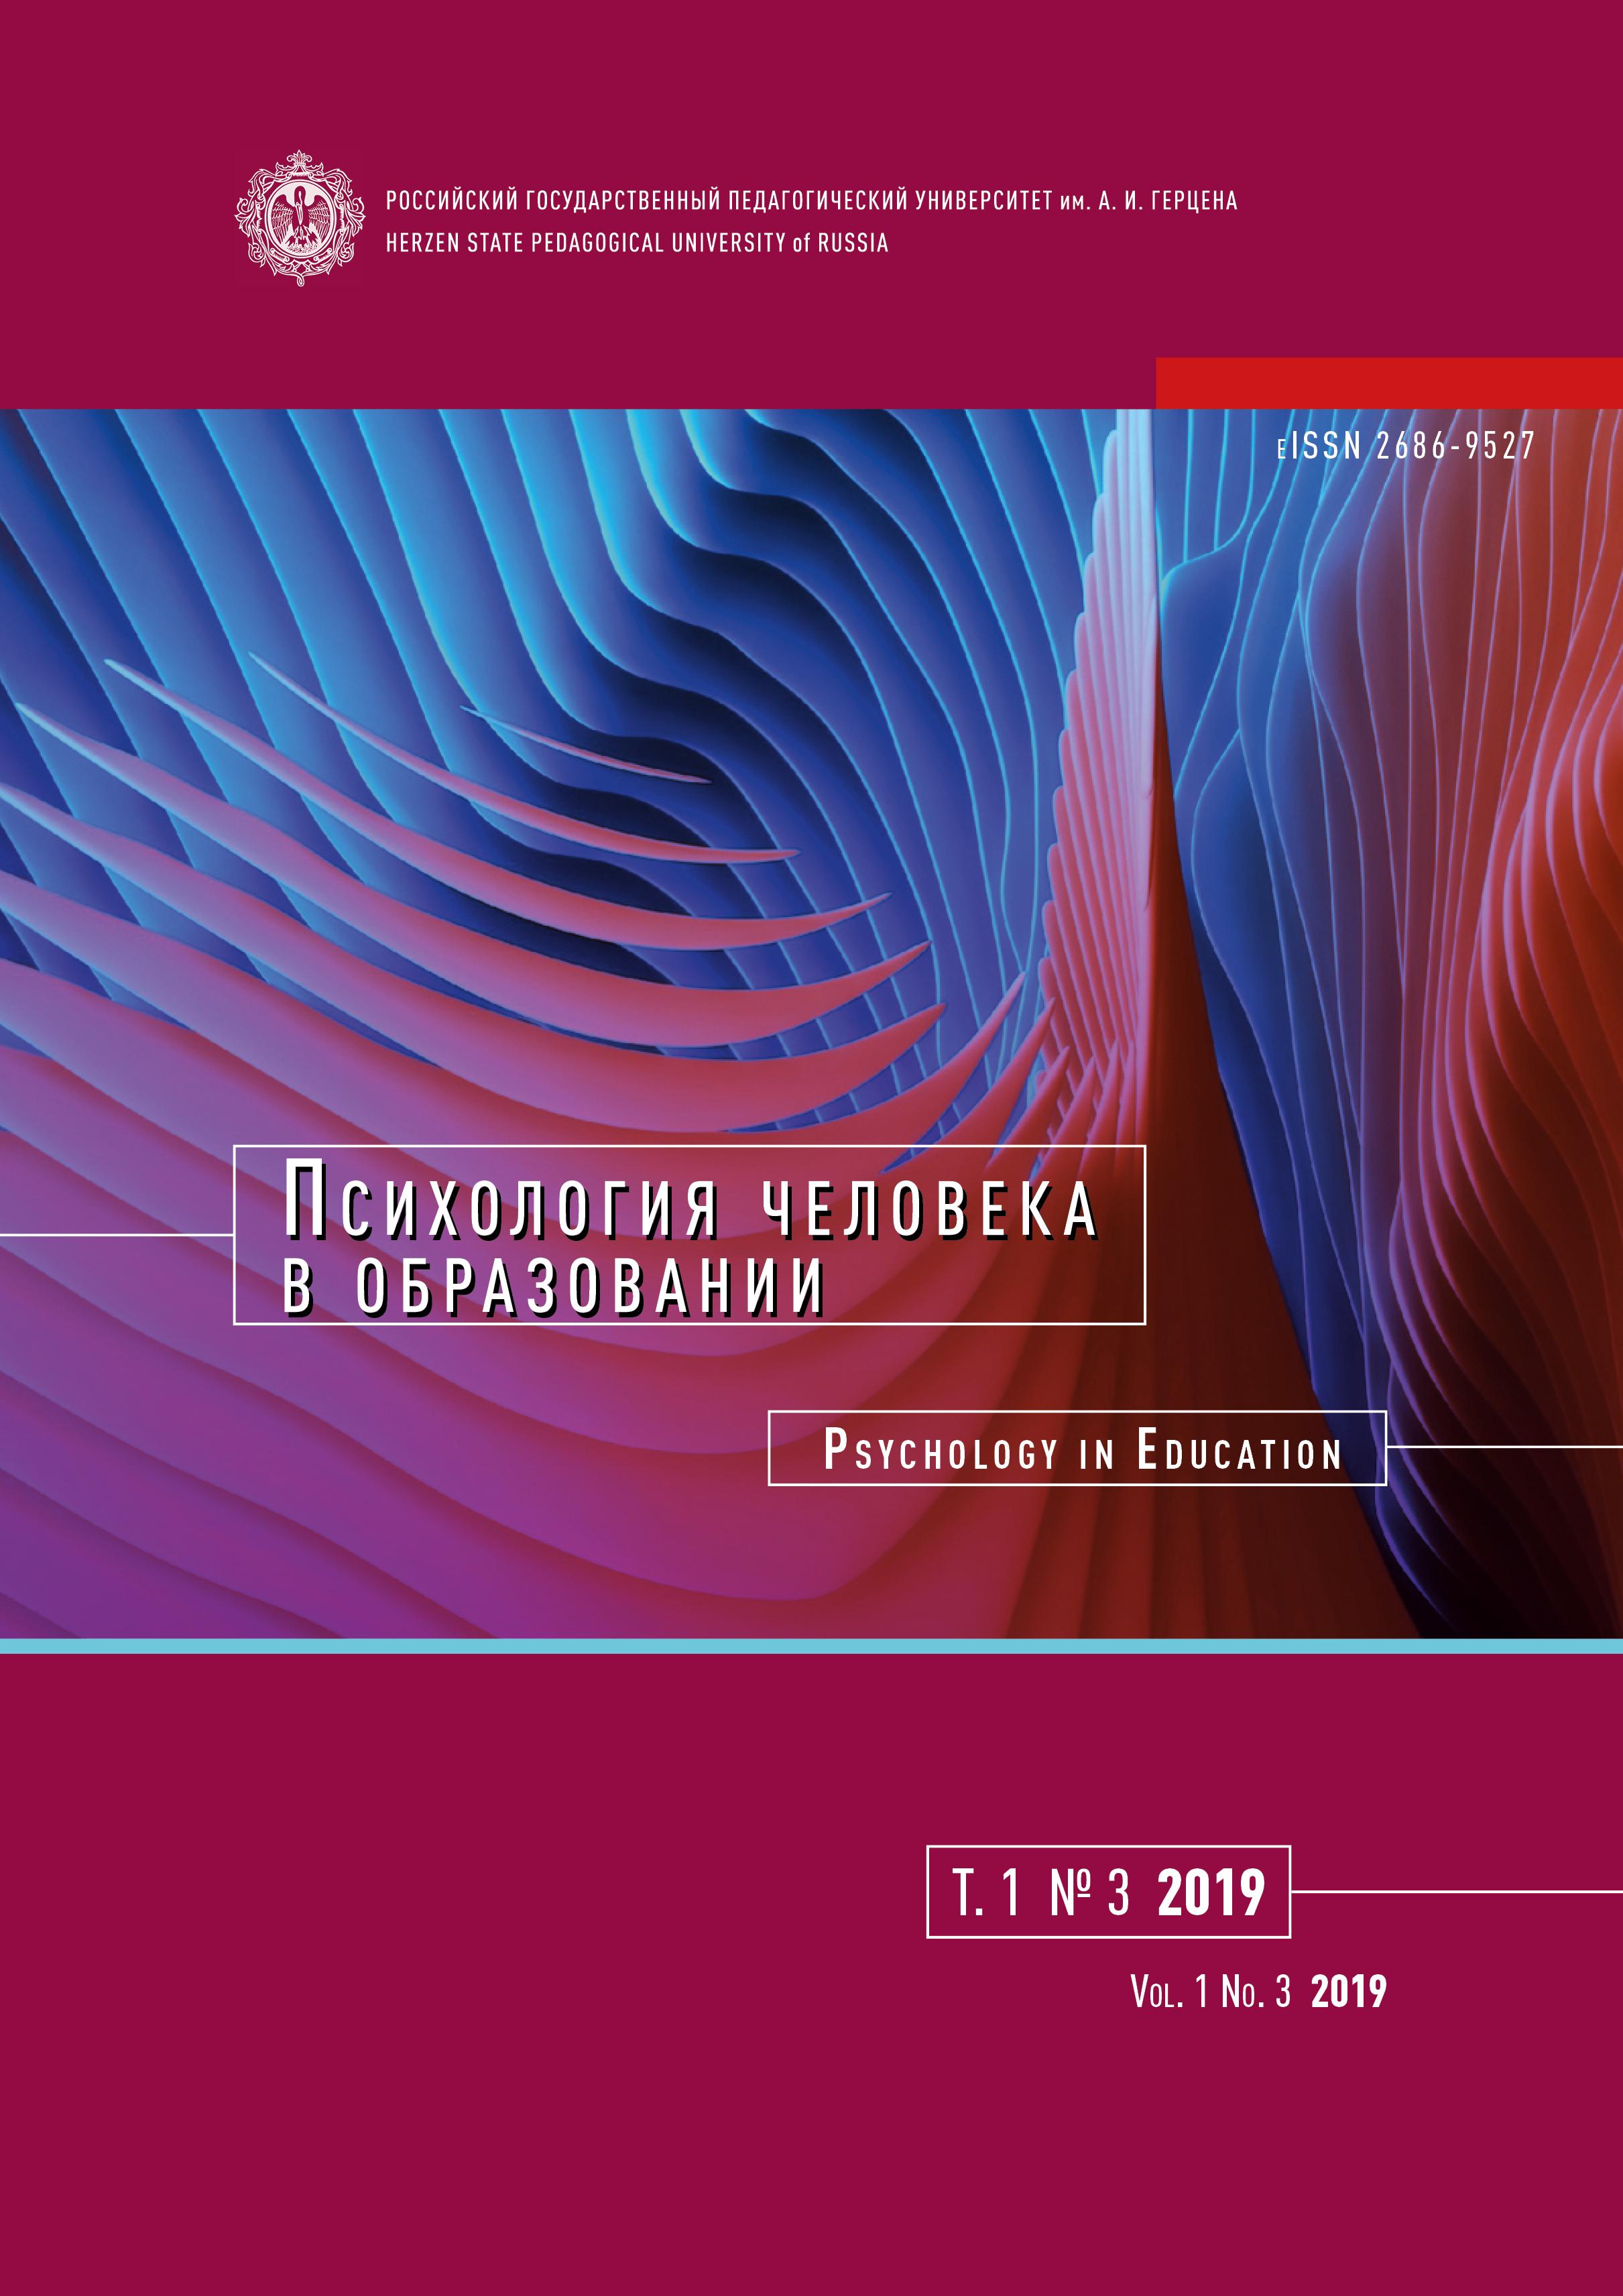 """Обложка журнала """"Психология человека в образовании"""" (т. 1, № 3)"""